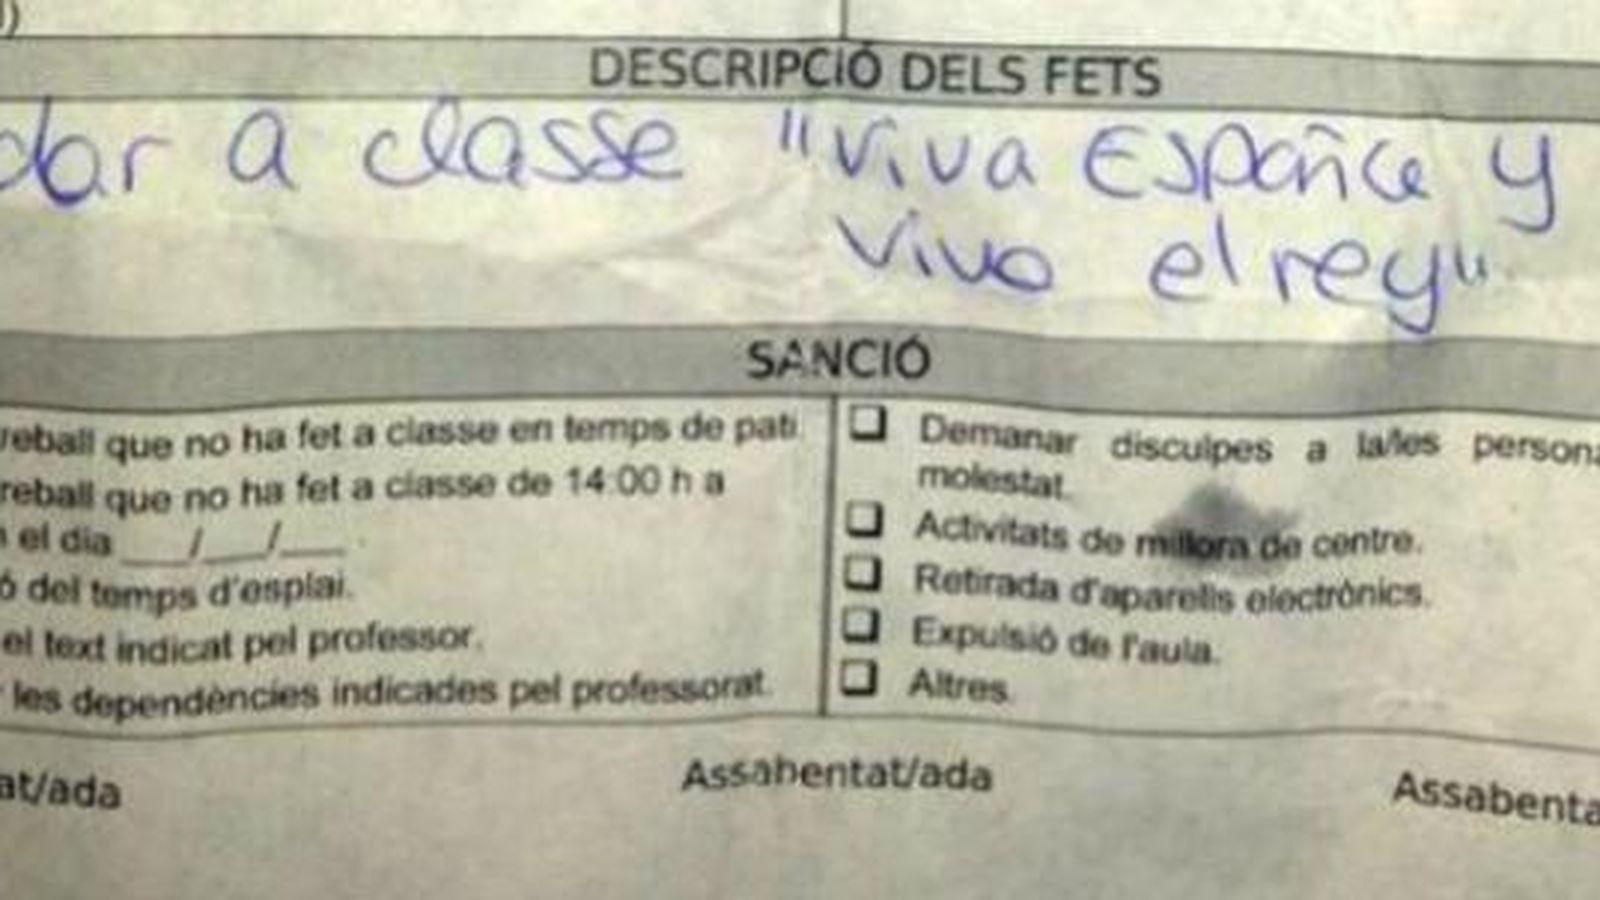 Foto: Fotografía de la nota enviada por la profesora al alumno. (Crónica Balear)